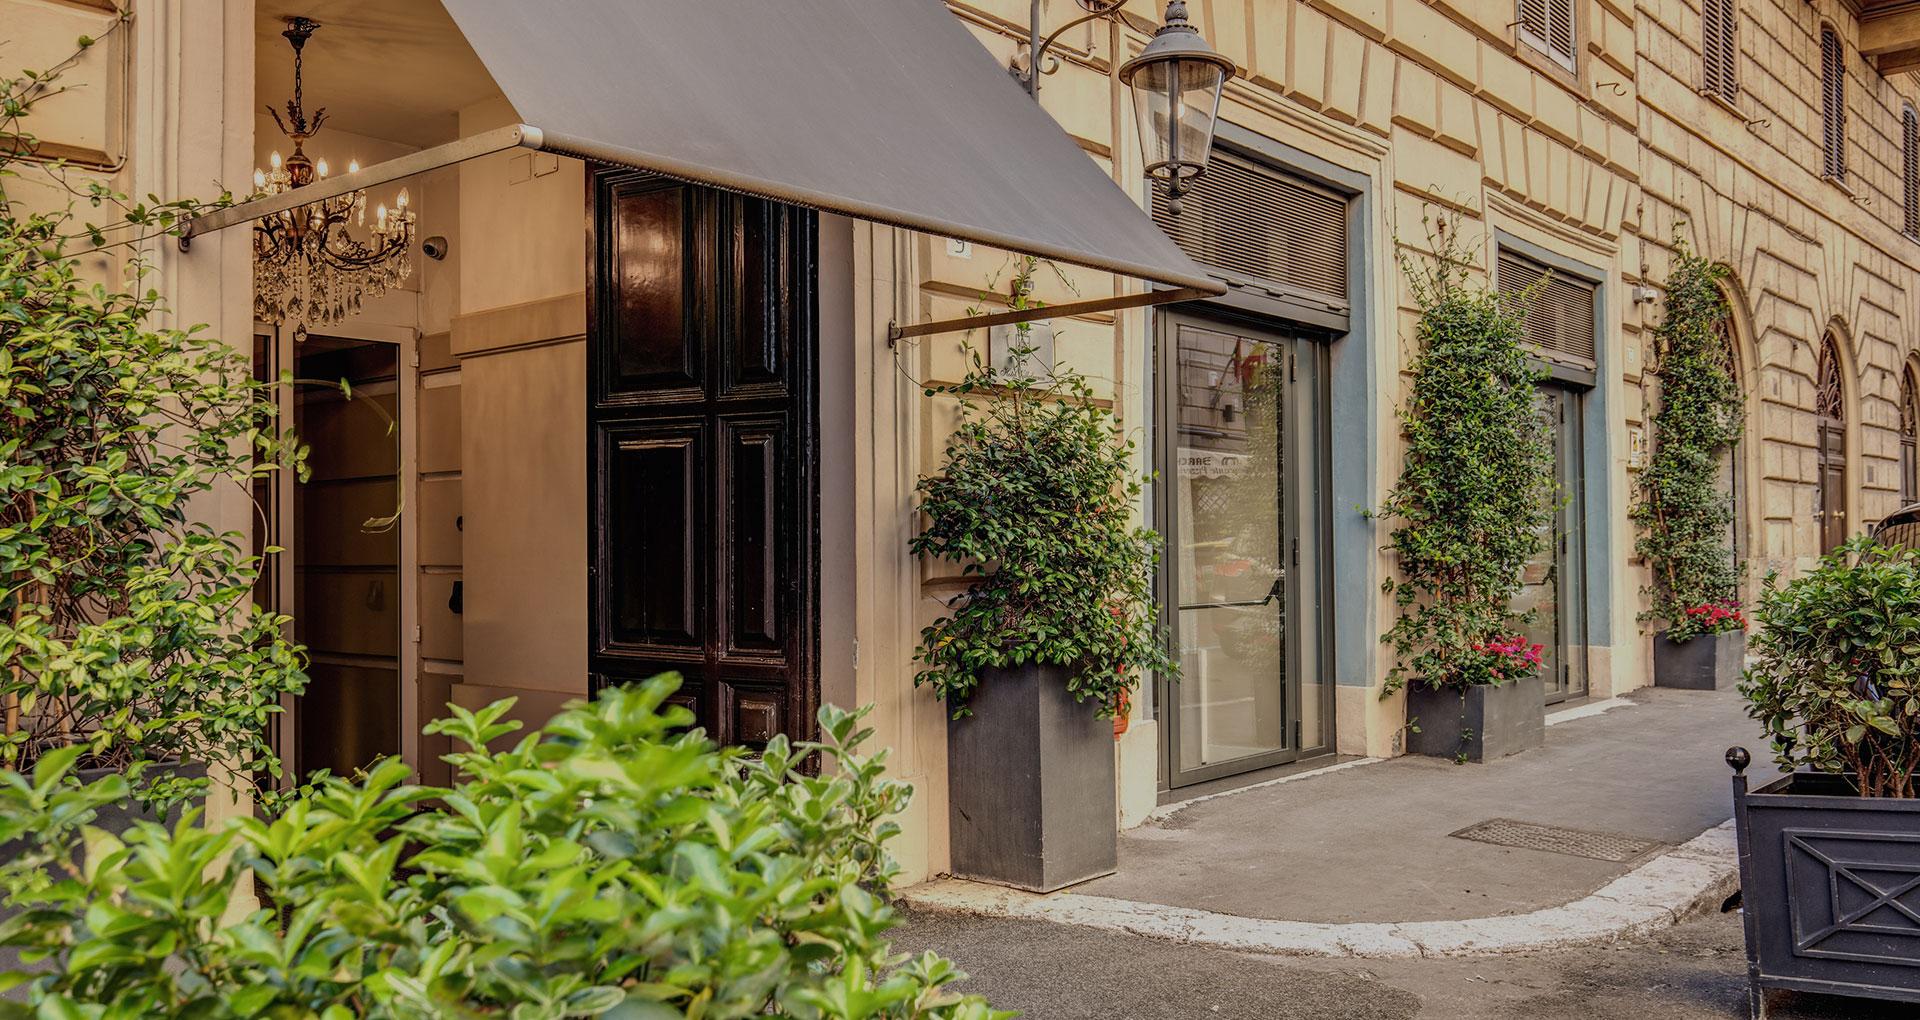 Hotel Villafranca Rome Official Website